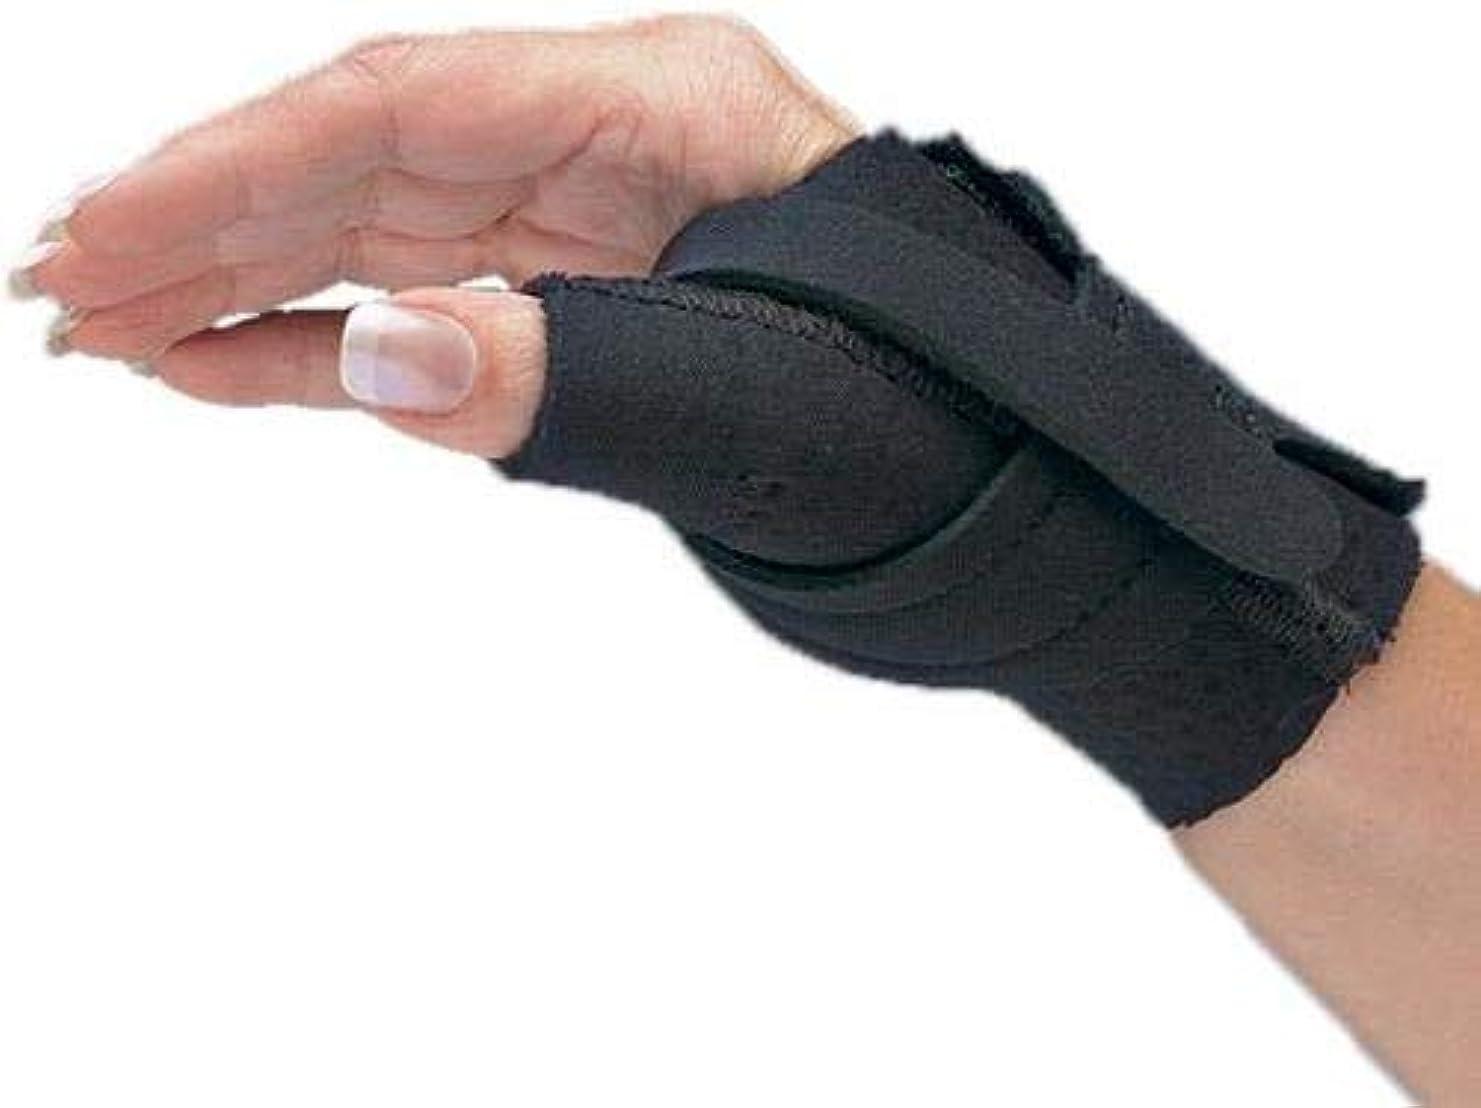 宇宙の家庭底快適なクールな親指制限スプリントは、親指の関節を直接サポートすると同時に、指全体の機能を許可します。右手